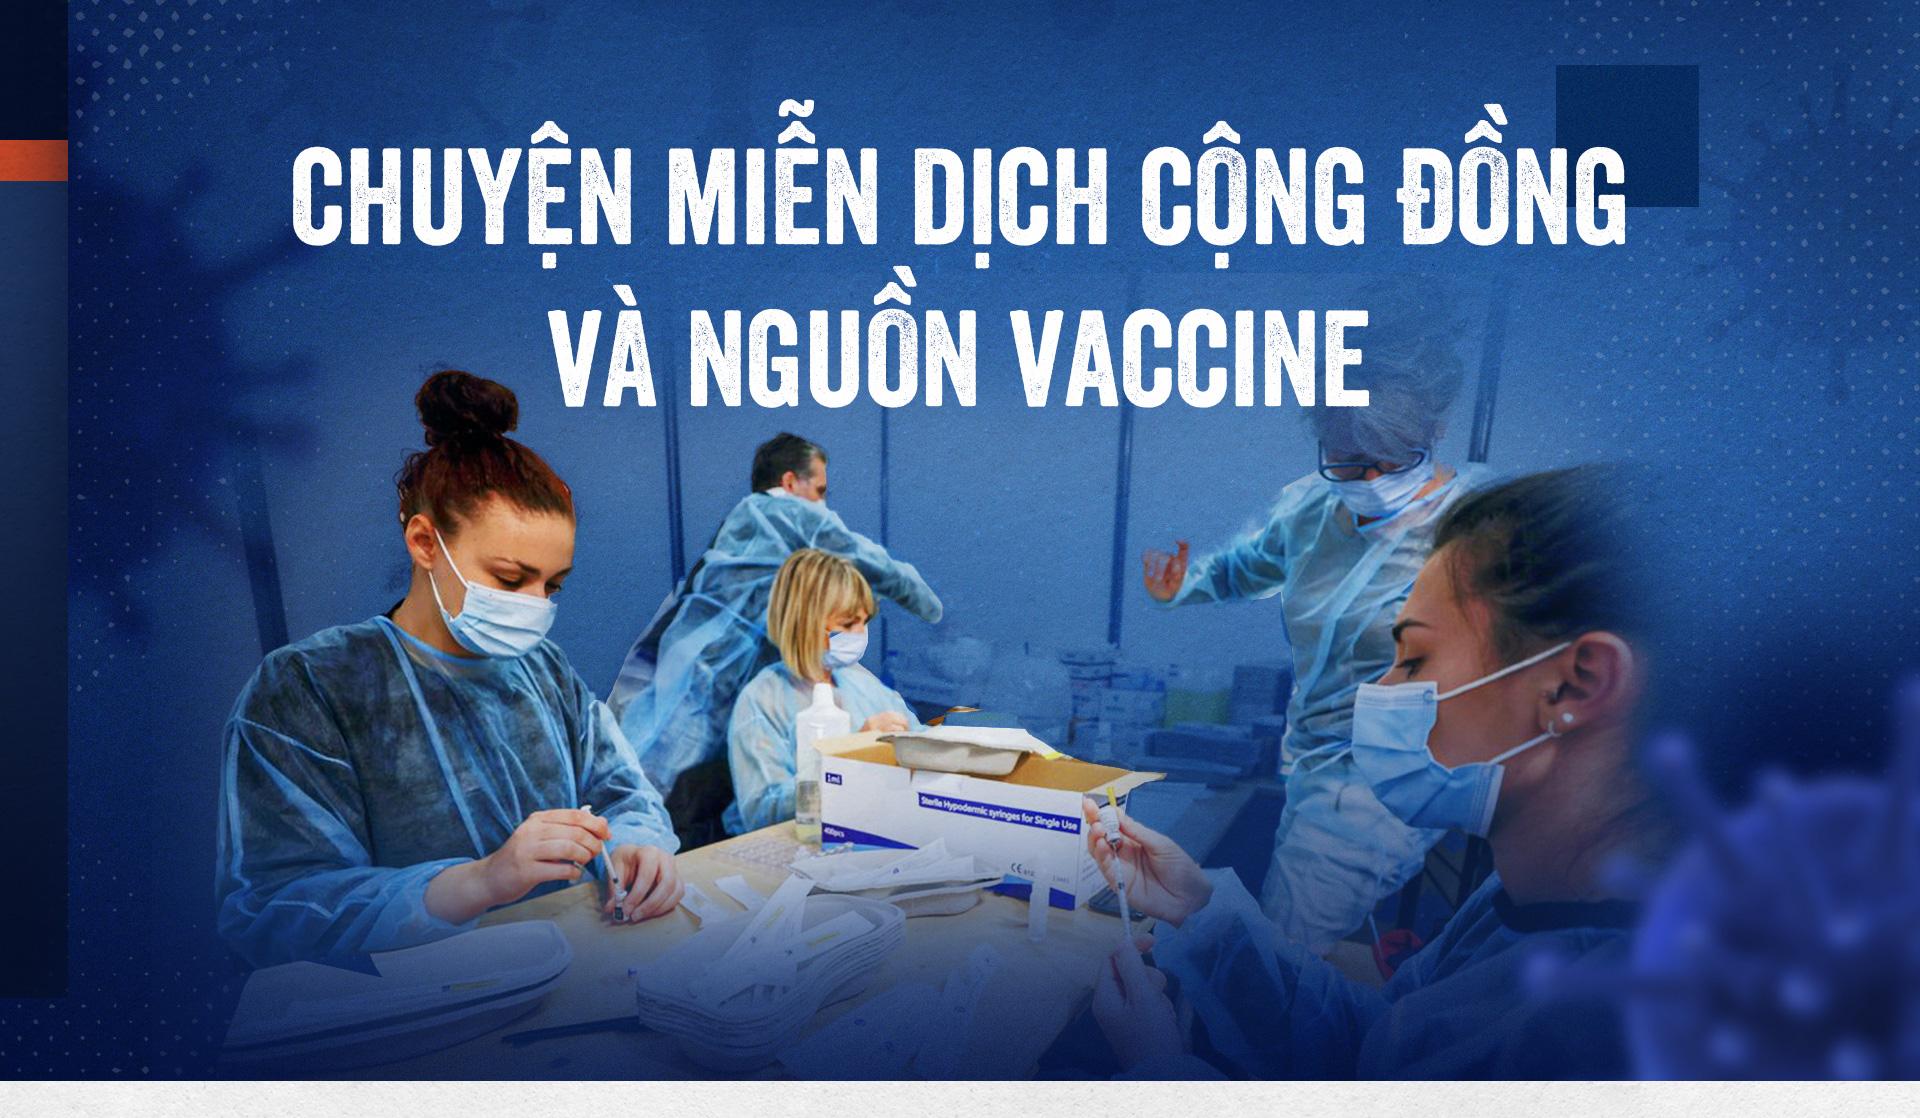 Chuyện miễn dịch cộng đồng và nguồn vaccine